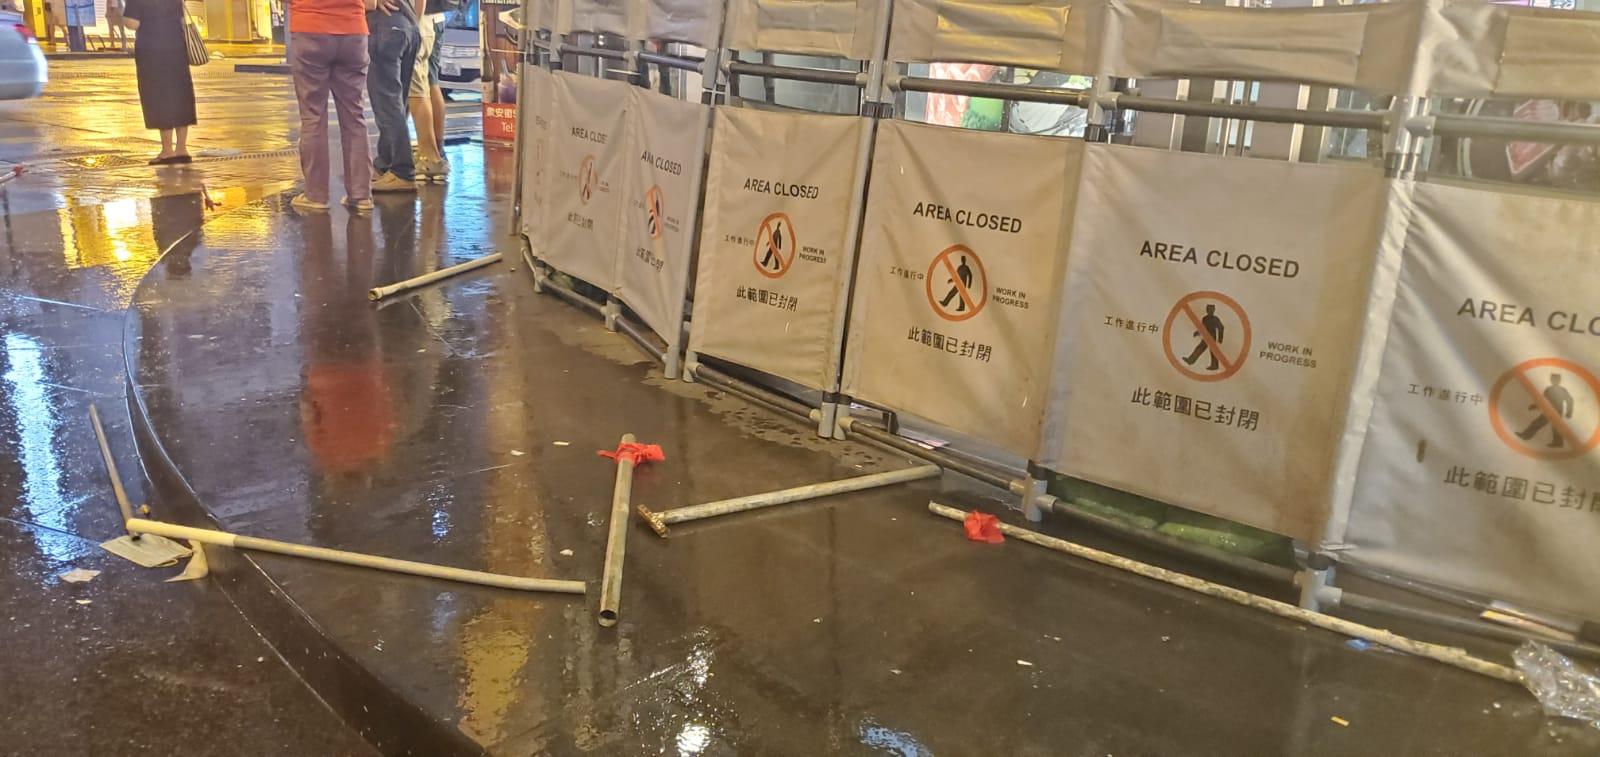 【荃葵青游行】沙咀道数十名疑手持铁通利刀及国旗白衣汉聚集被警员驱散